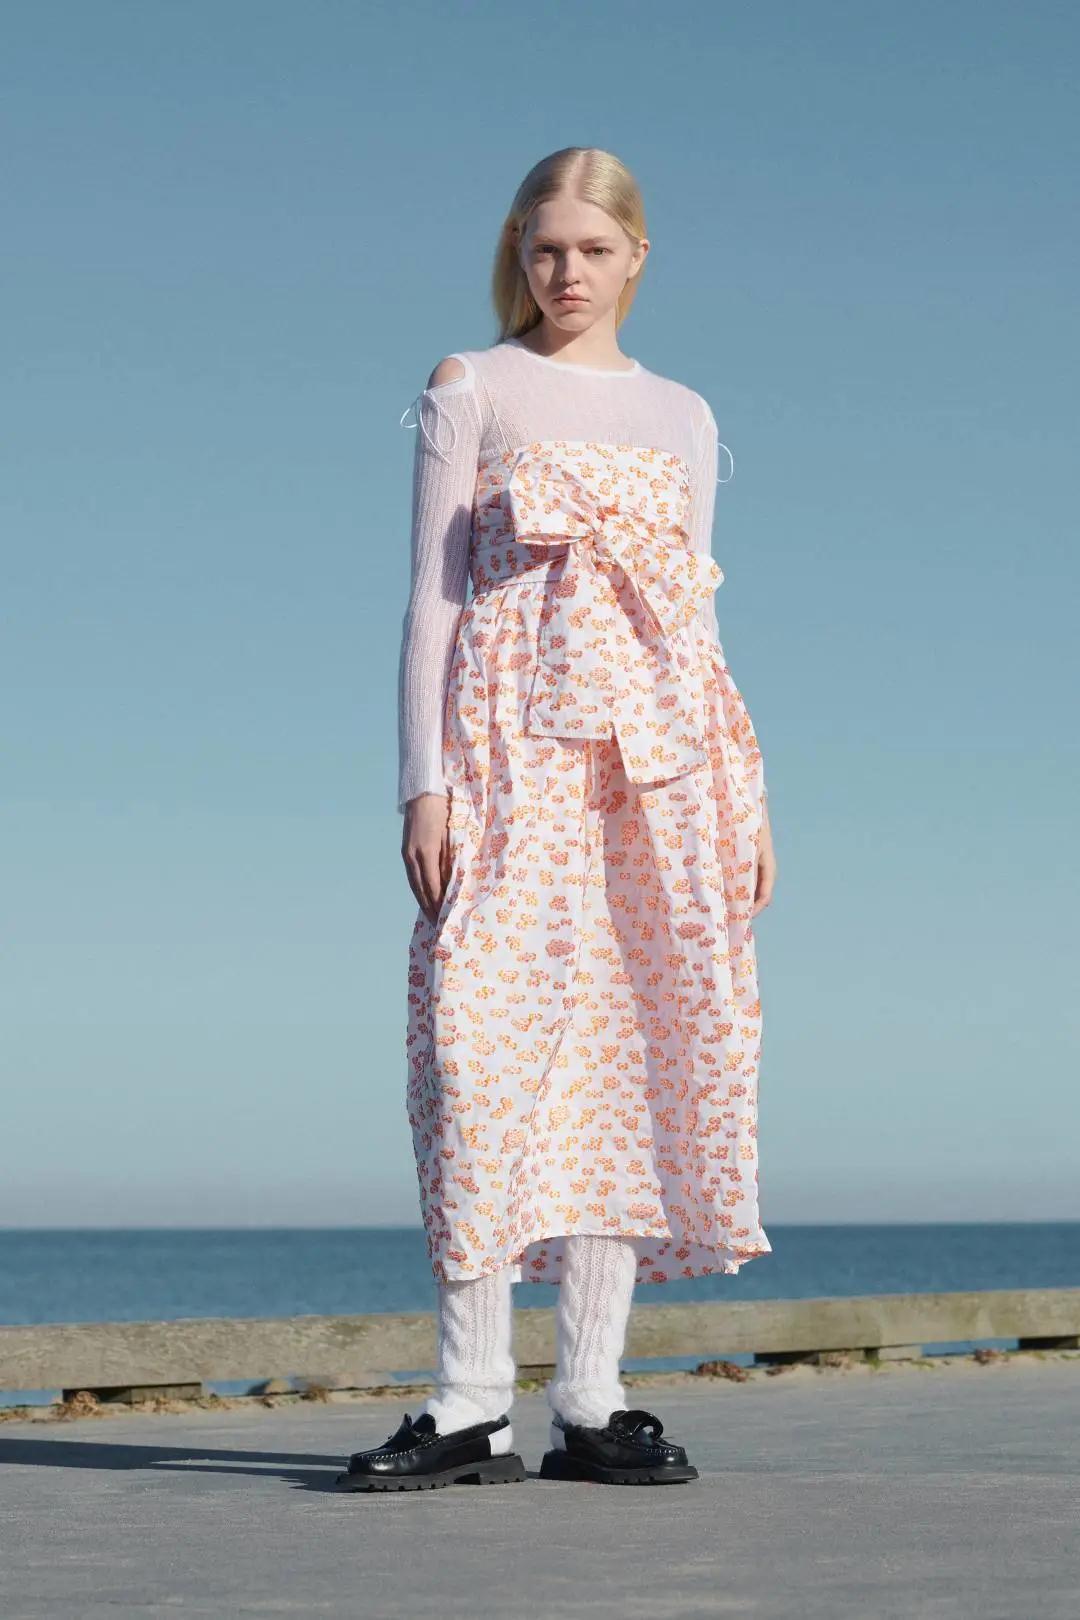 女装流行元素分析 蝴蝶结元素在服装设计中的运用(图33)